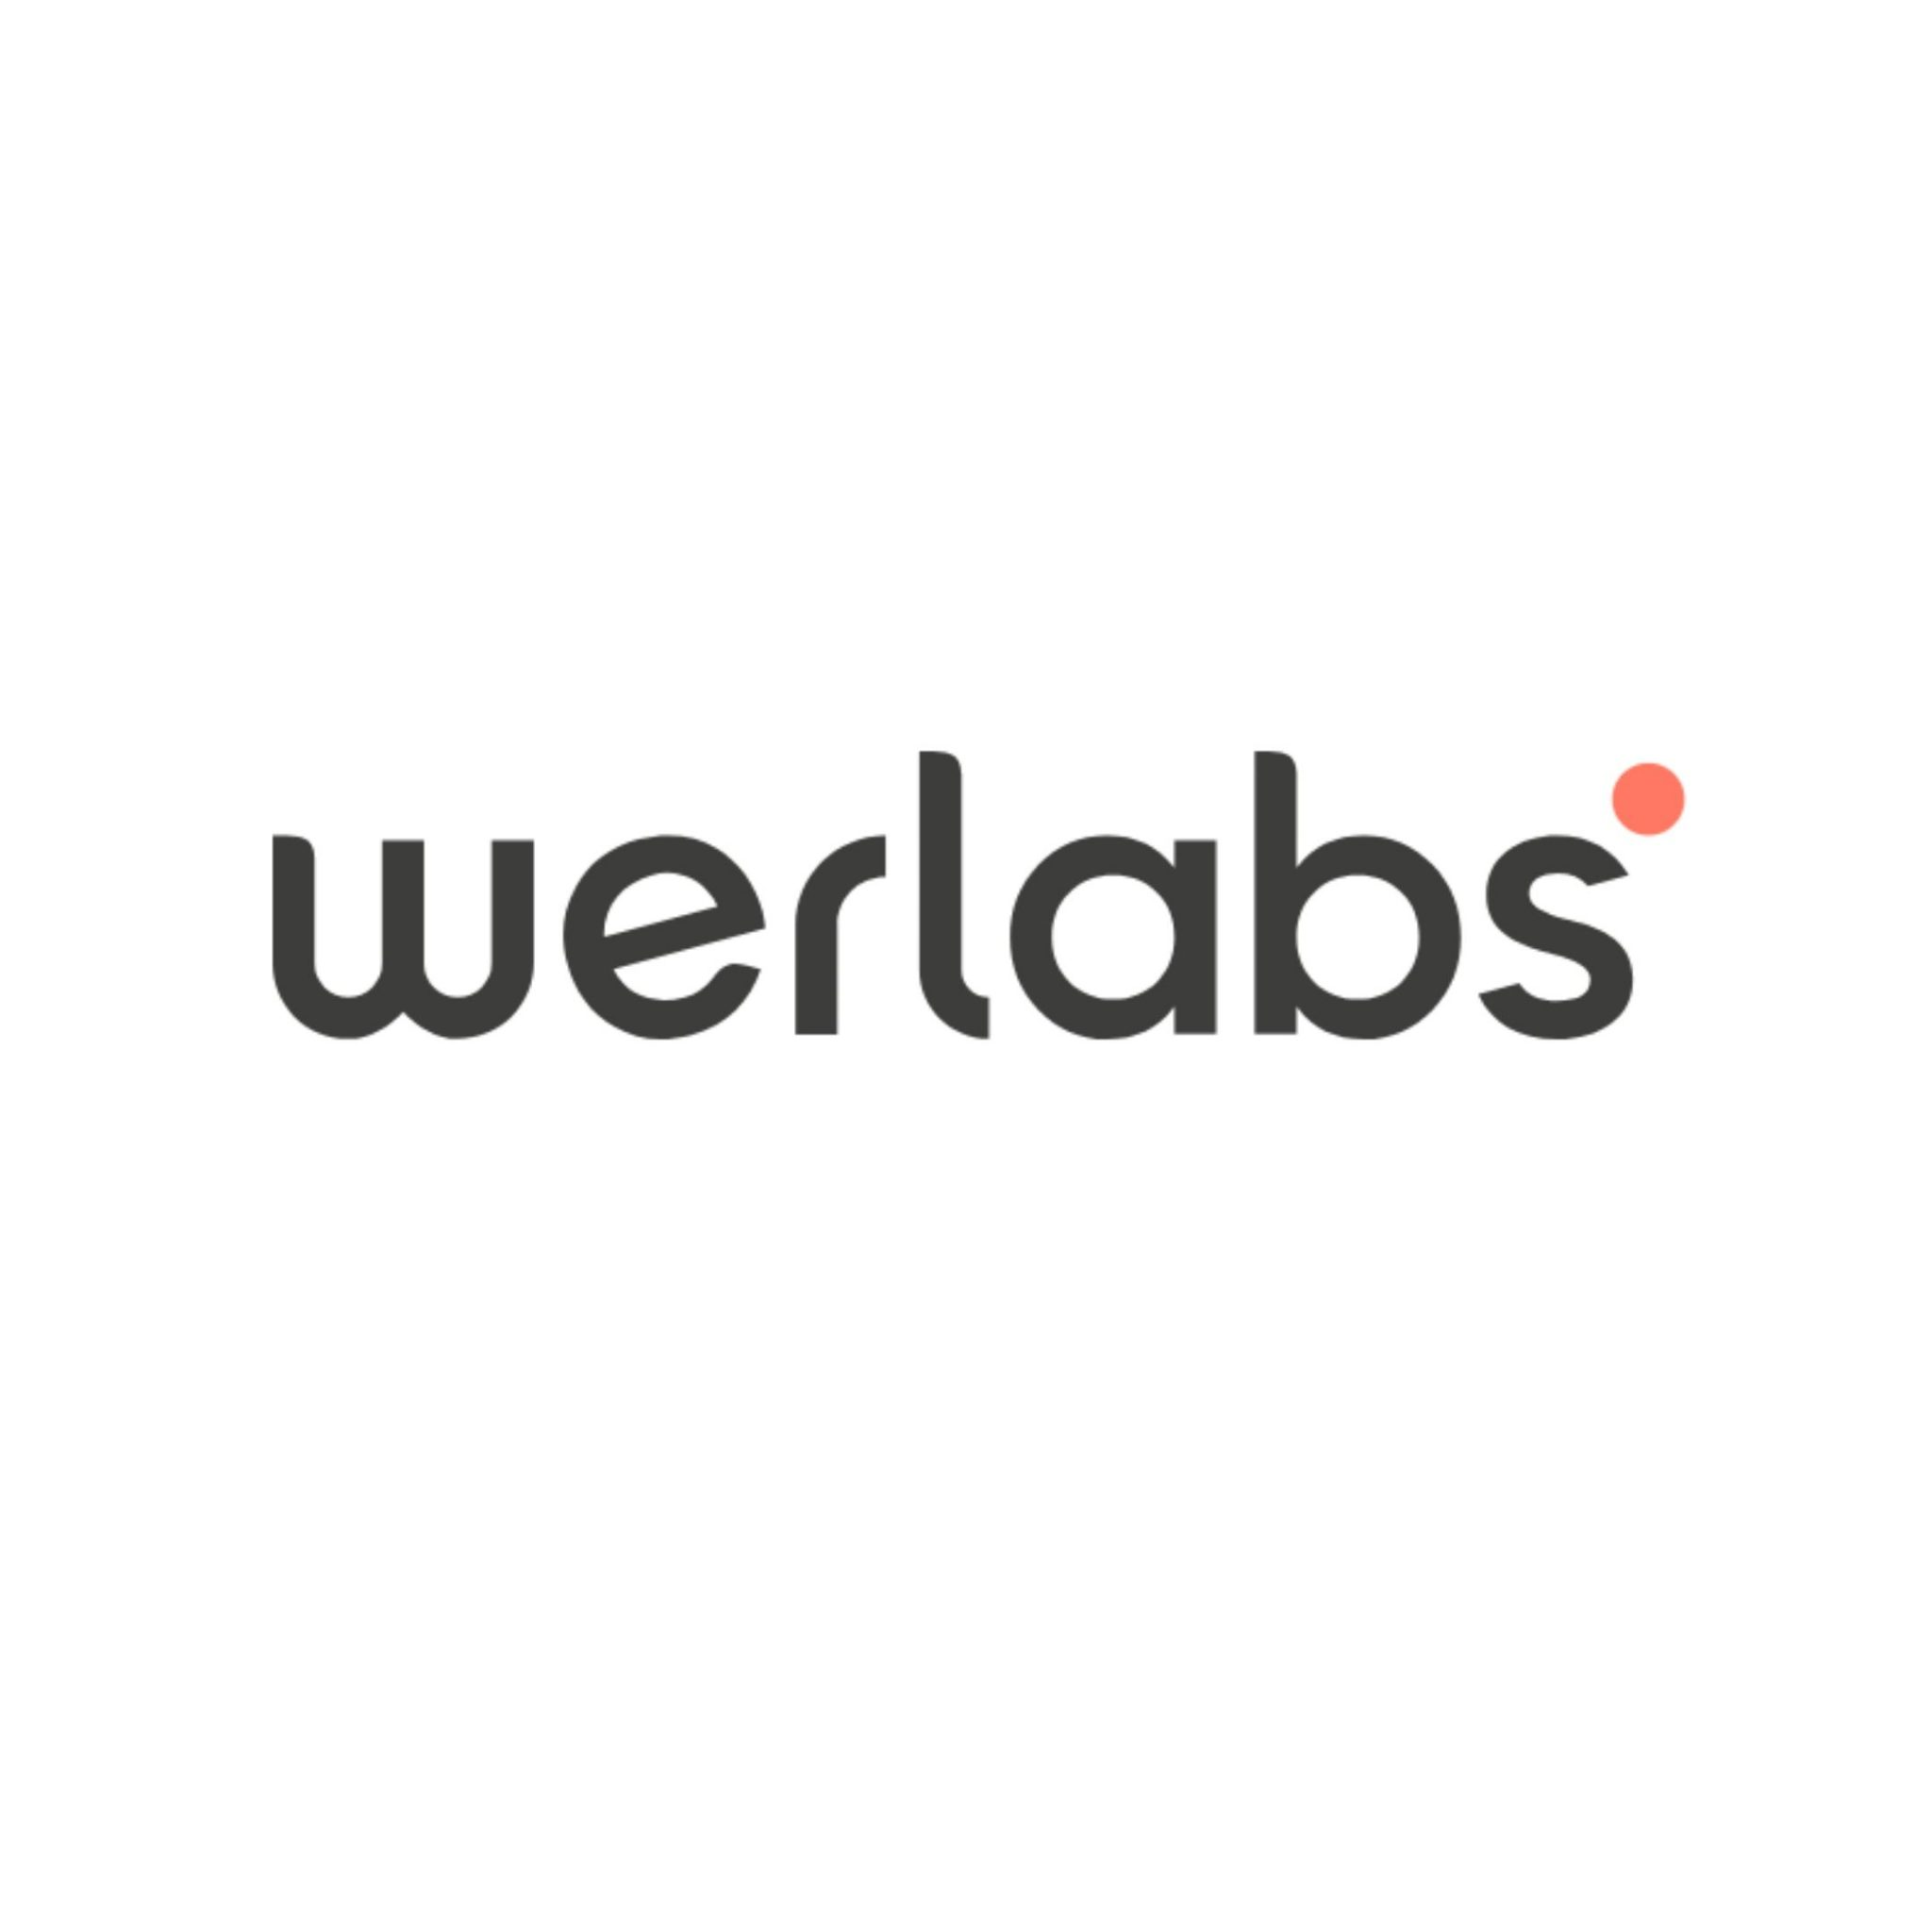 Werlabs recension betyg och omdöme - priser, tester, blodprov, platser, städer - www.alyzme.se lista blodprov och självtest